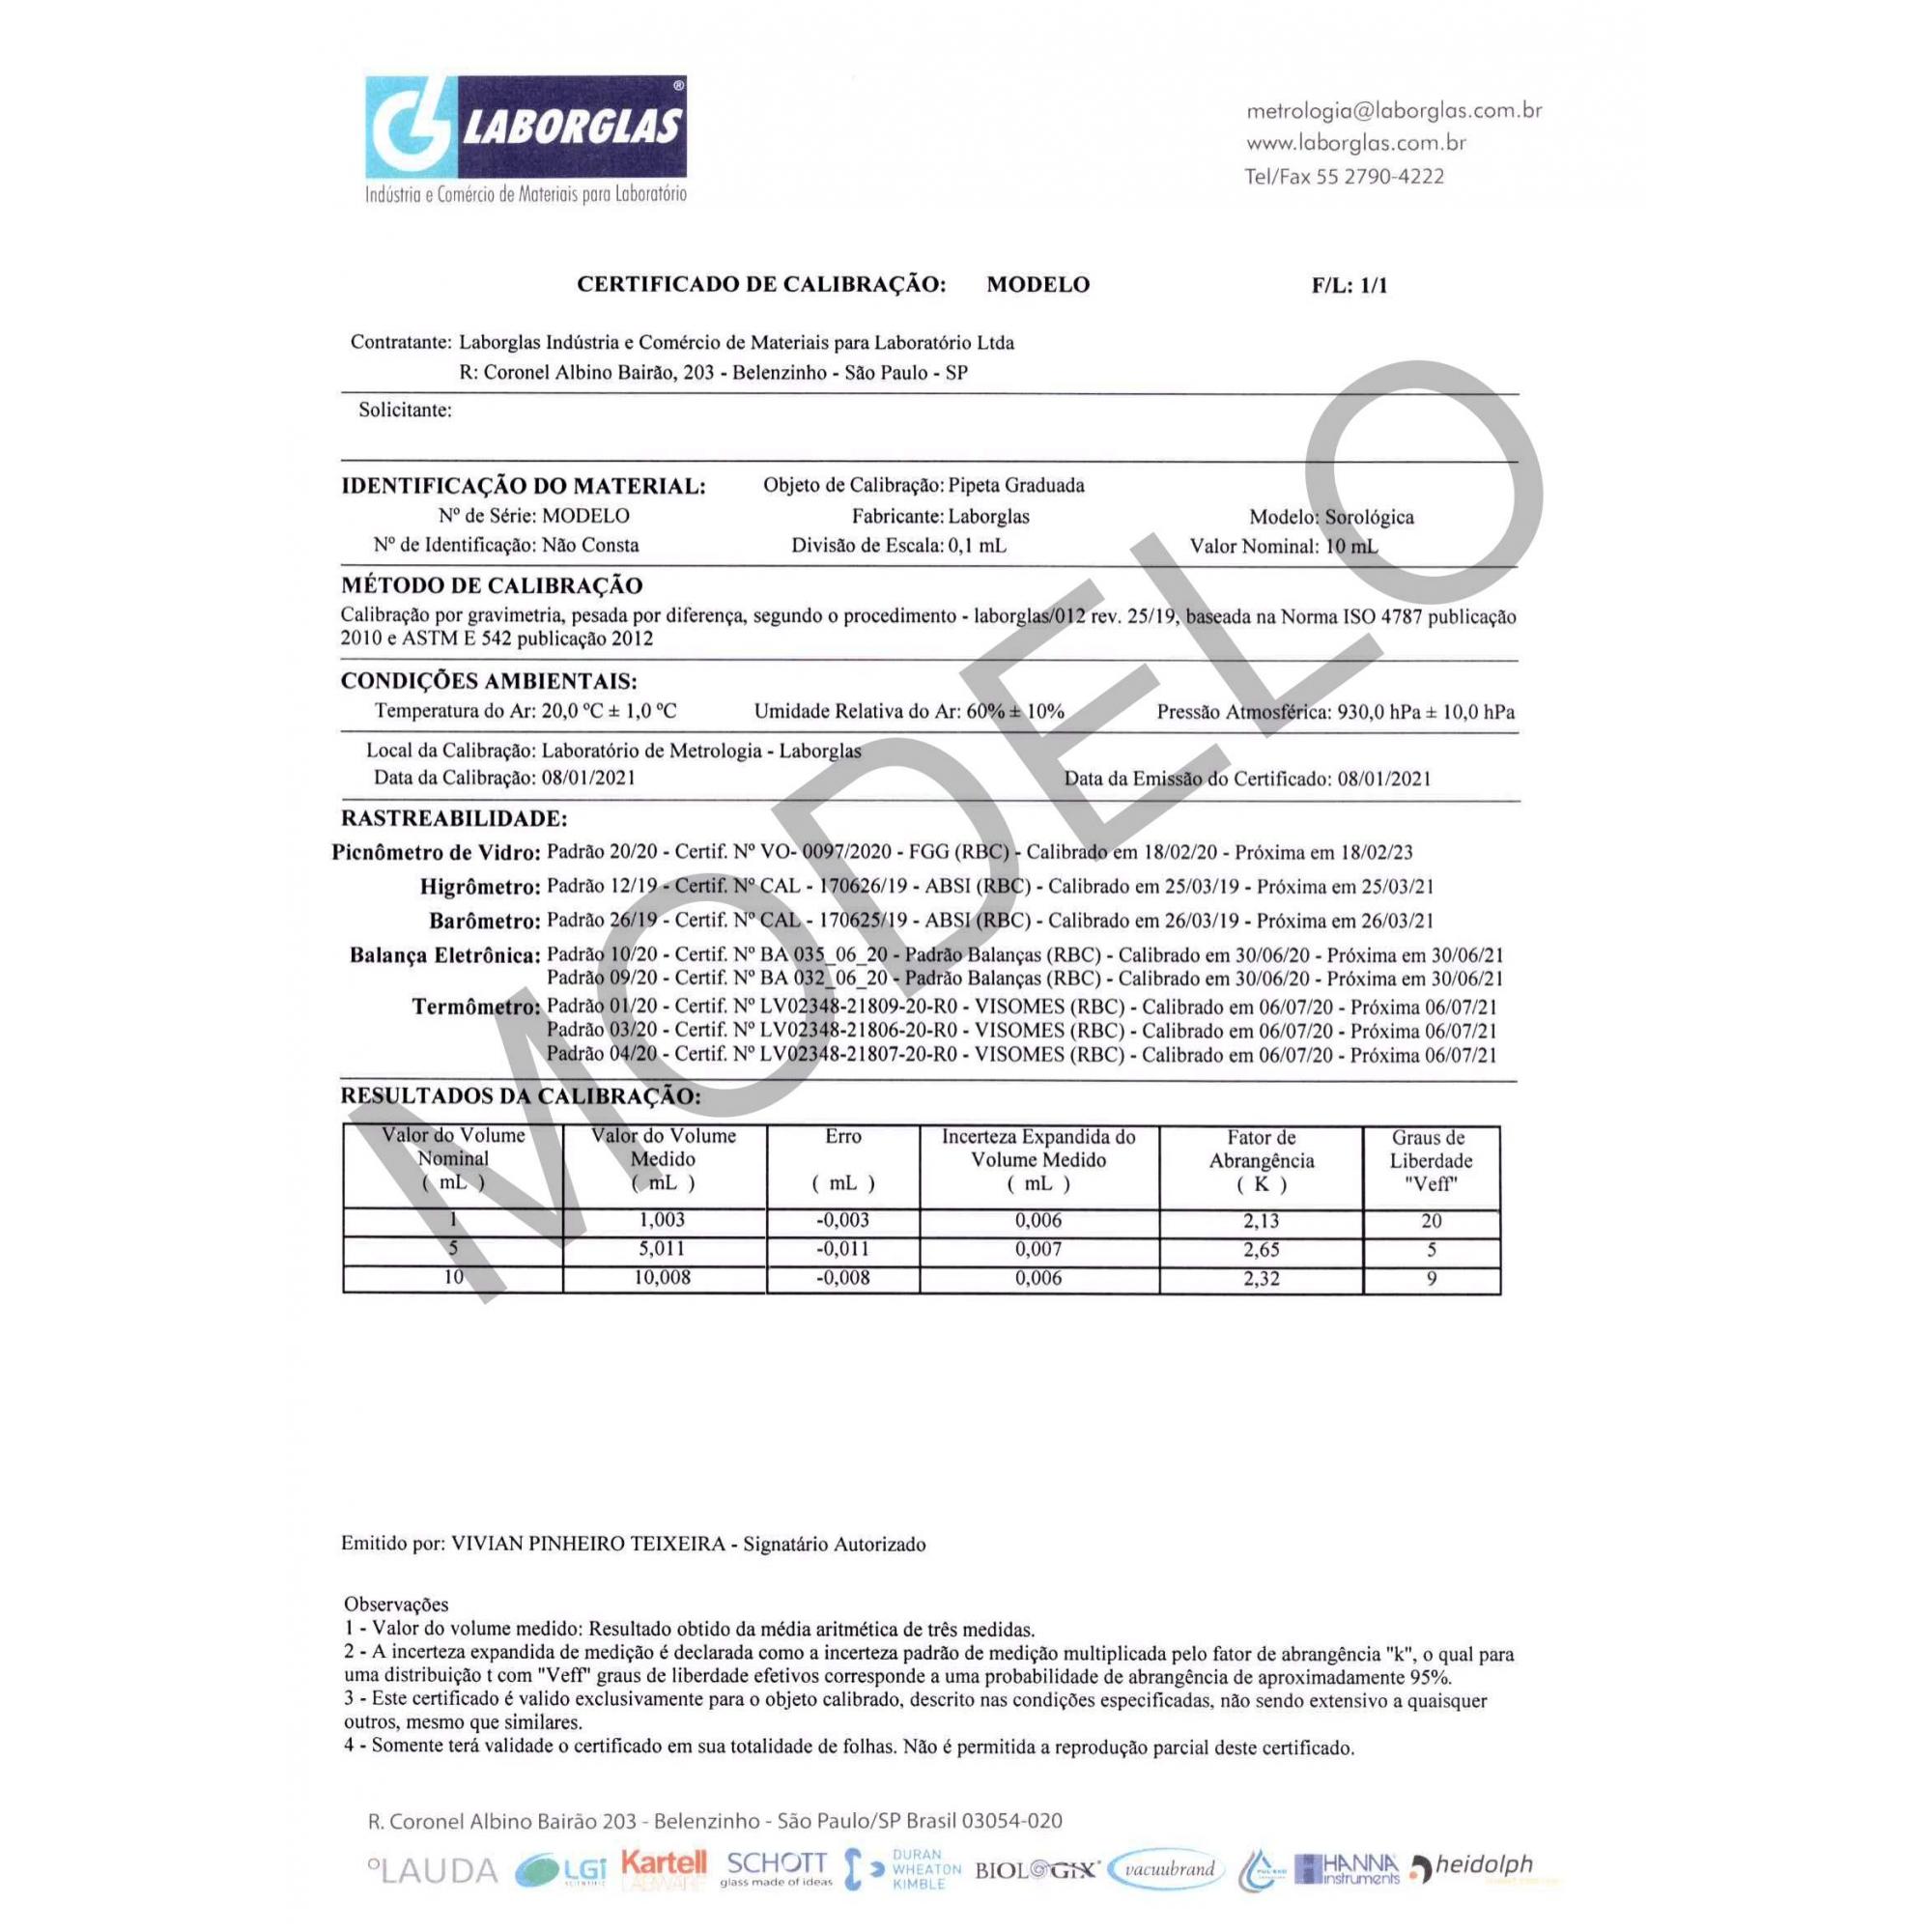 PIPETA GRADUADA SOROLÓGICA ESGOTOTAMENTO TOTAL 50 ML 1/10 CLASSE A COM CERTIFICADO RASTREÁVEL - Laborglas - Cód. 9443614-C